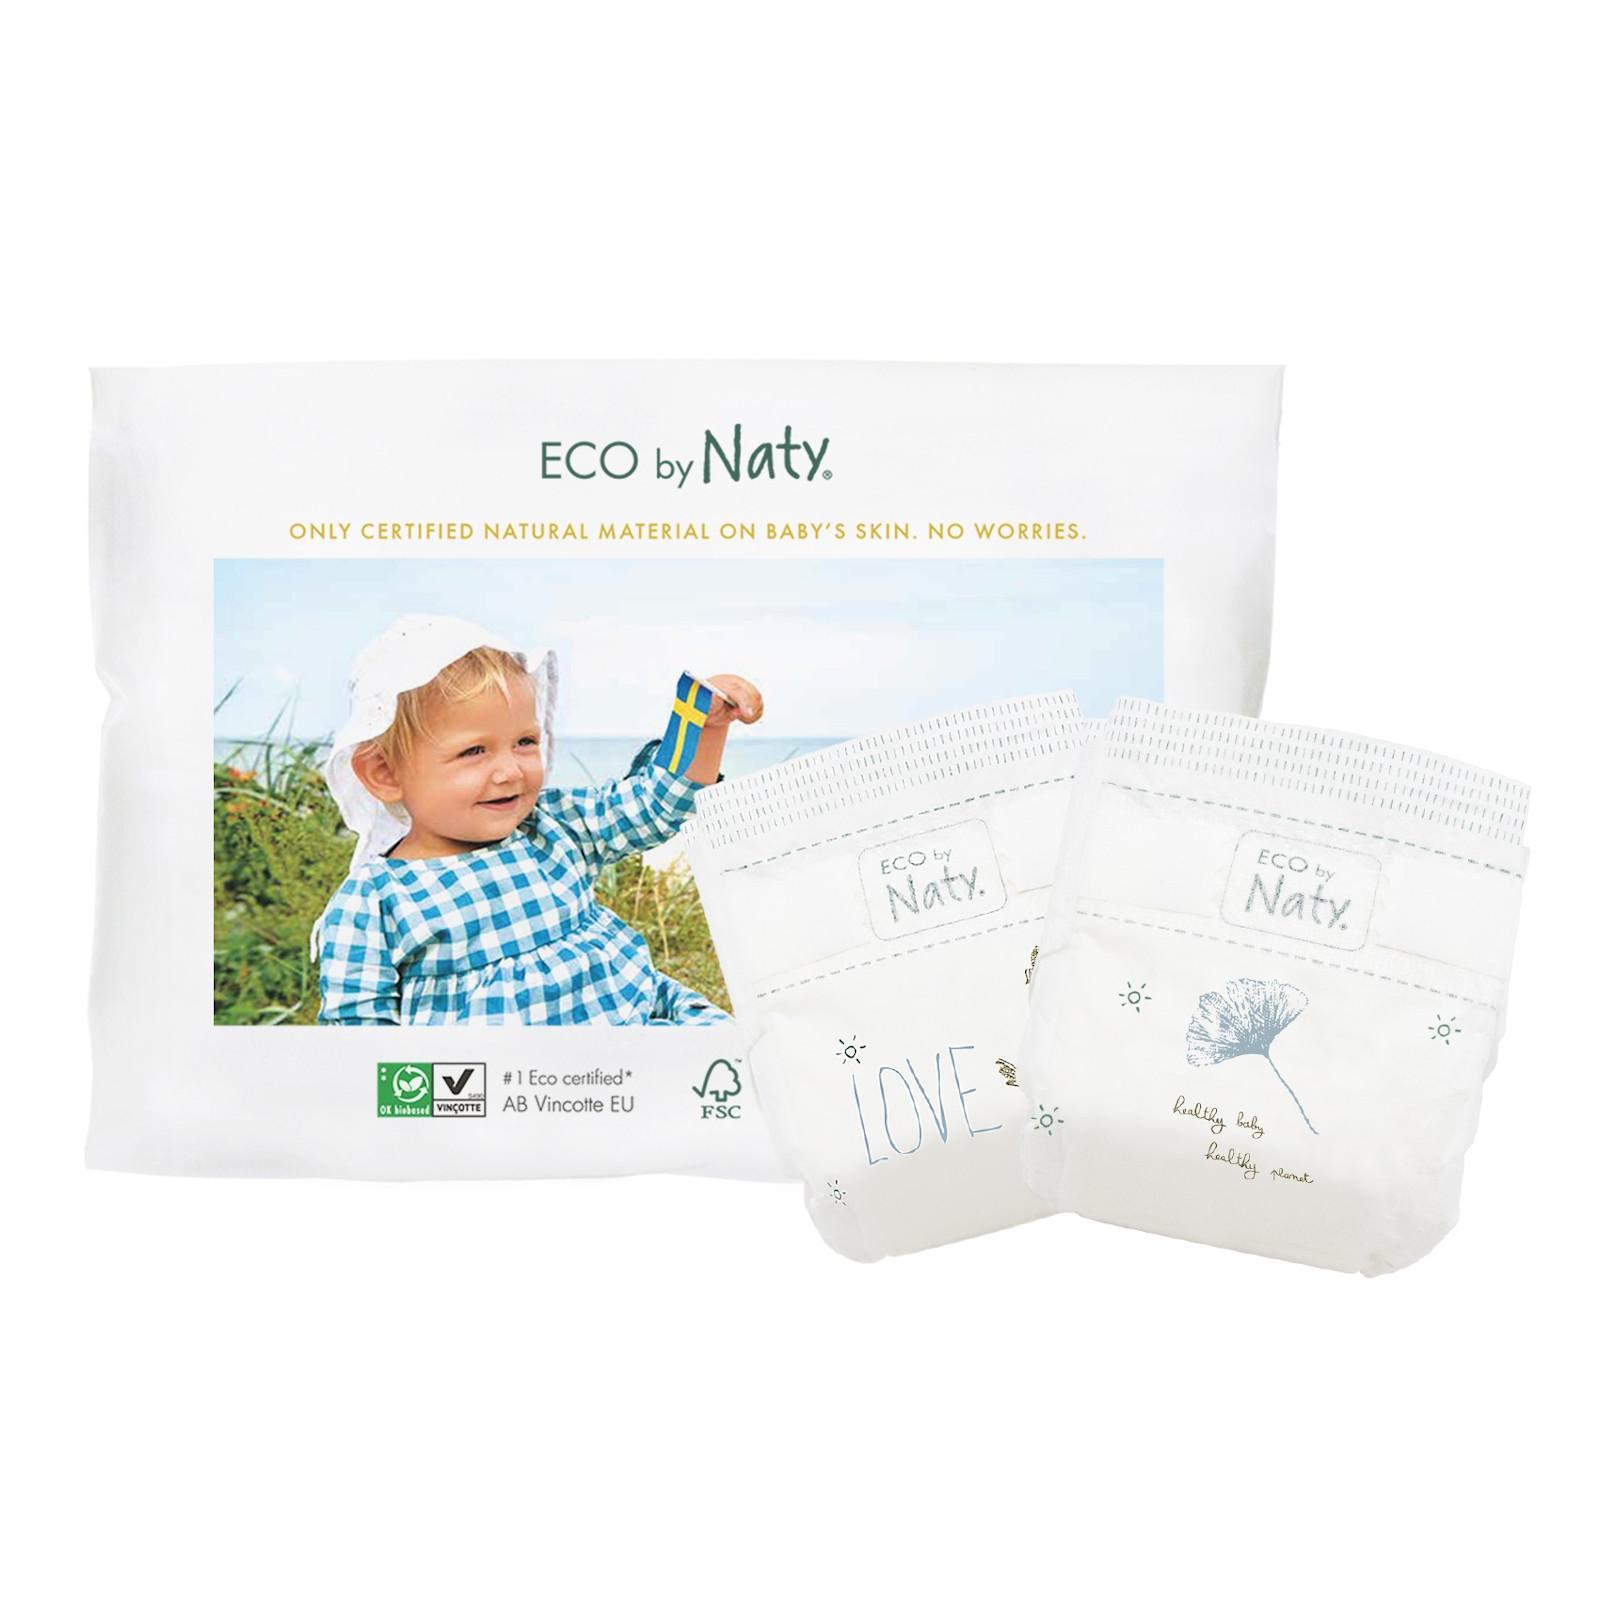 Vzorkové balení plenek mini 3-6kg od Eco by Naty